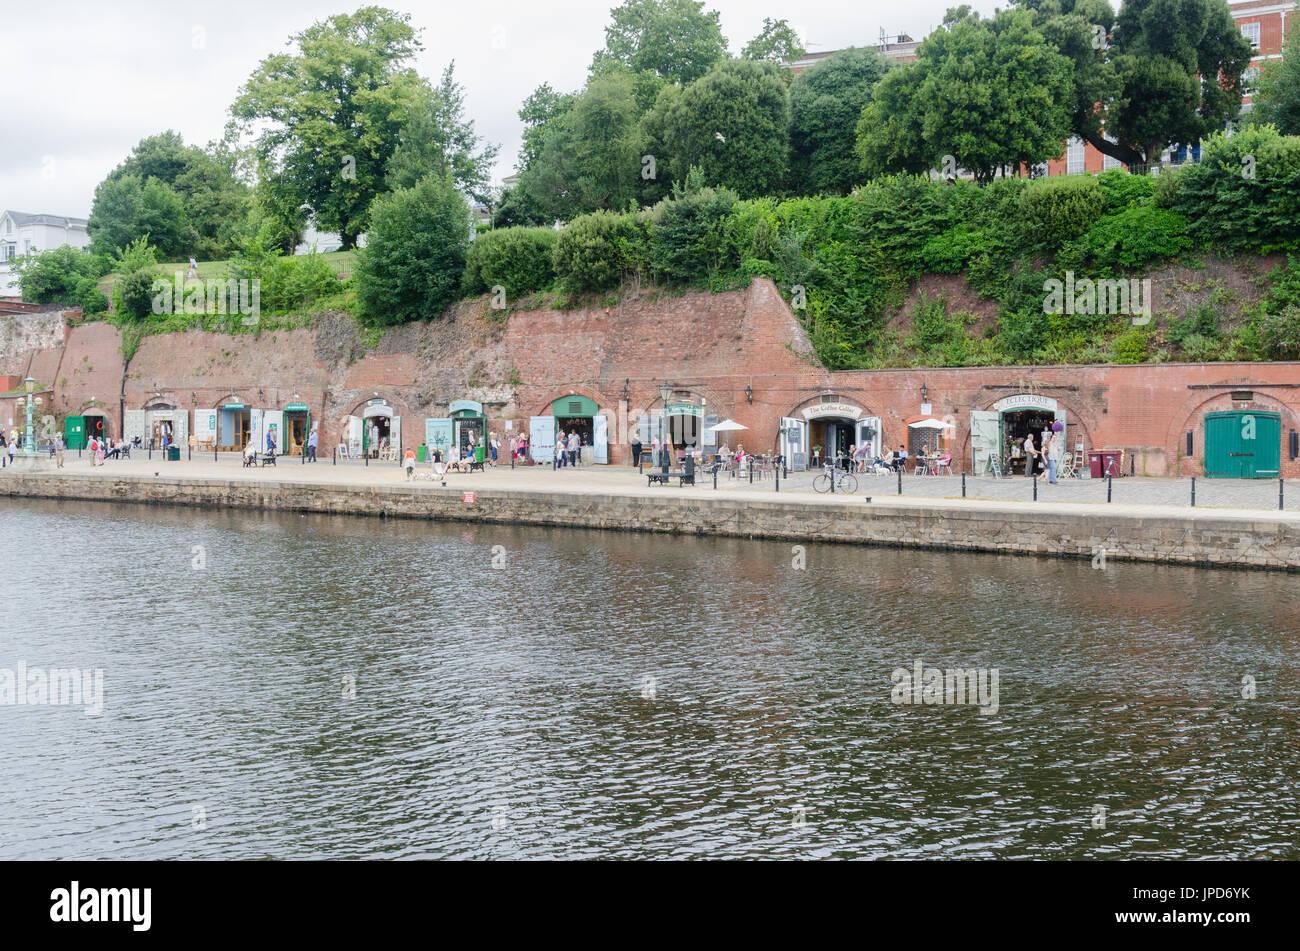 Tiendas y restaurantes en el muelle en la ribera del río Exe en Exeter, Devon Foto de stock